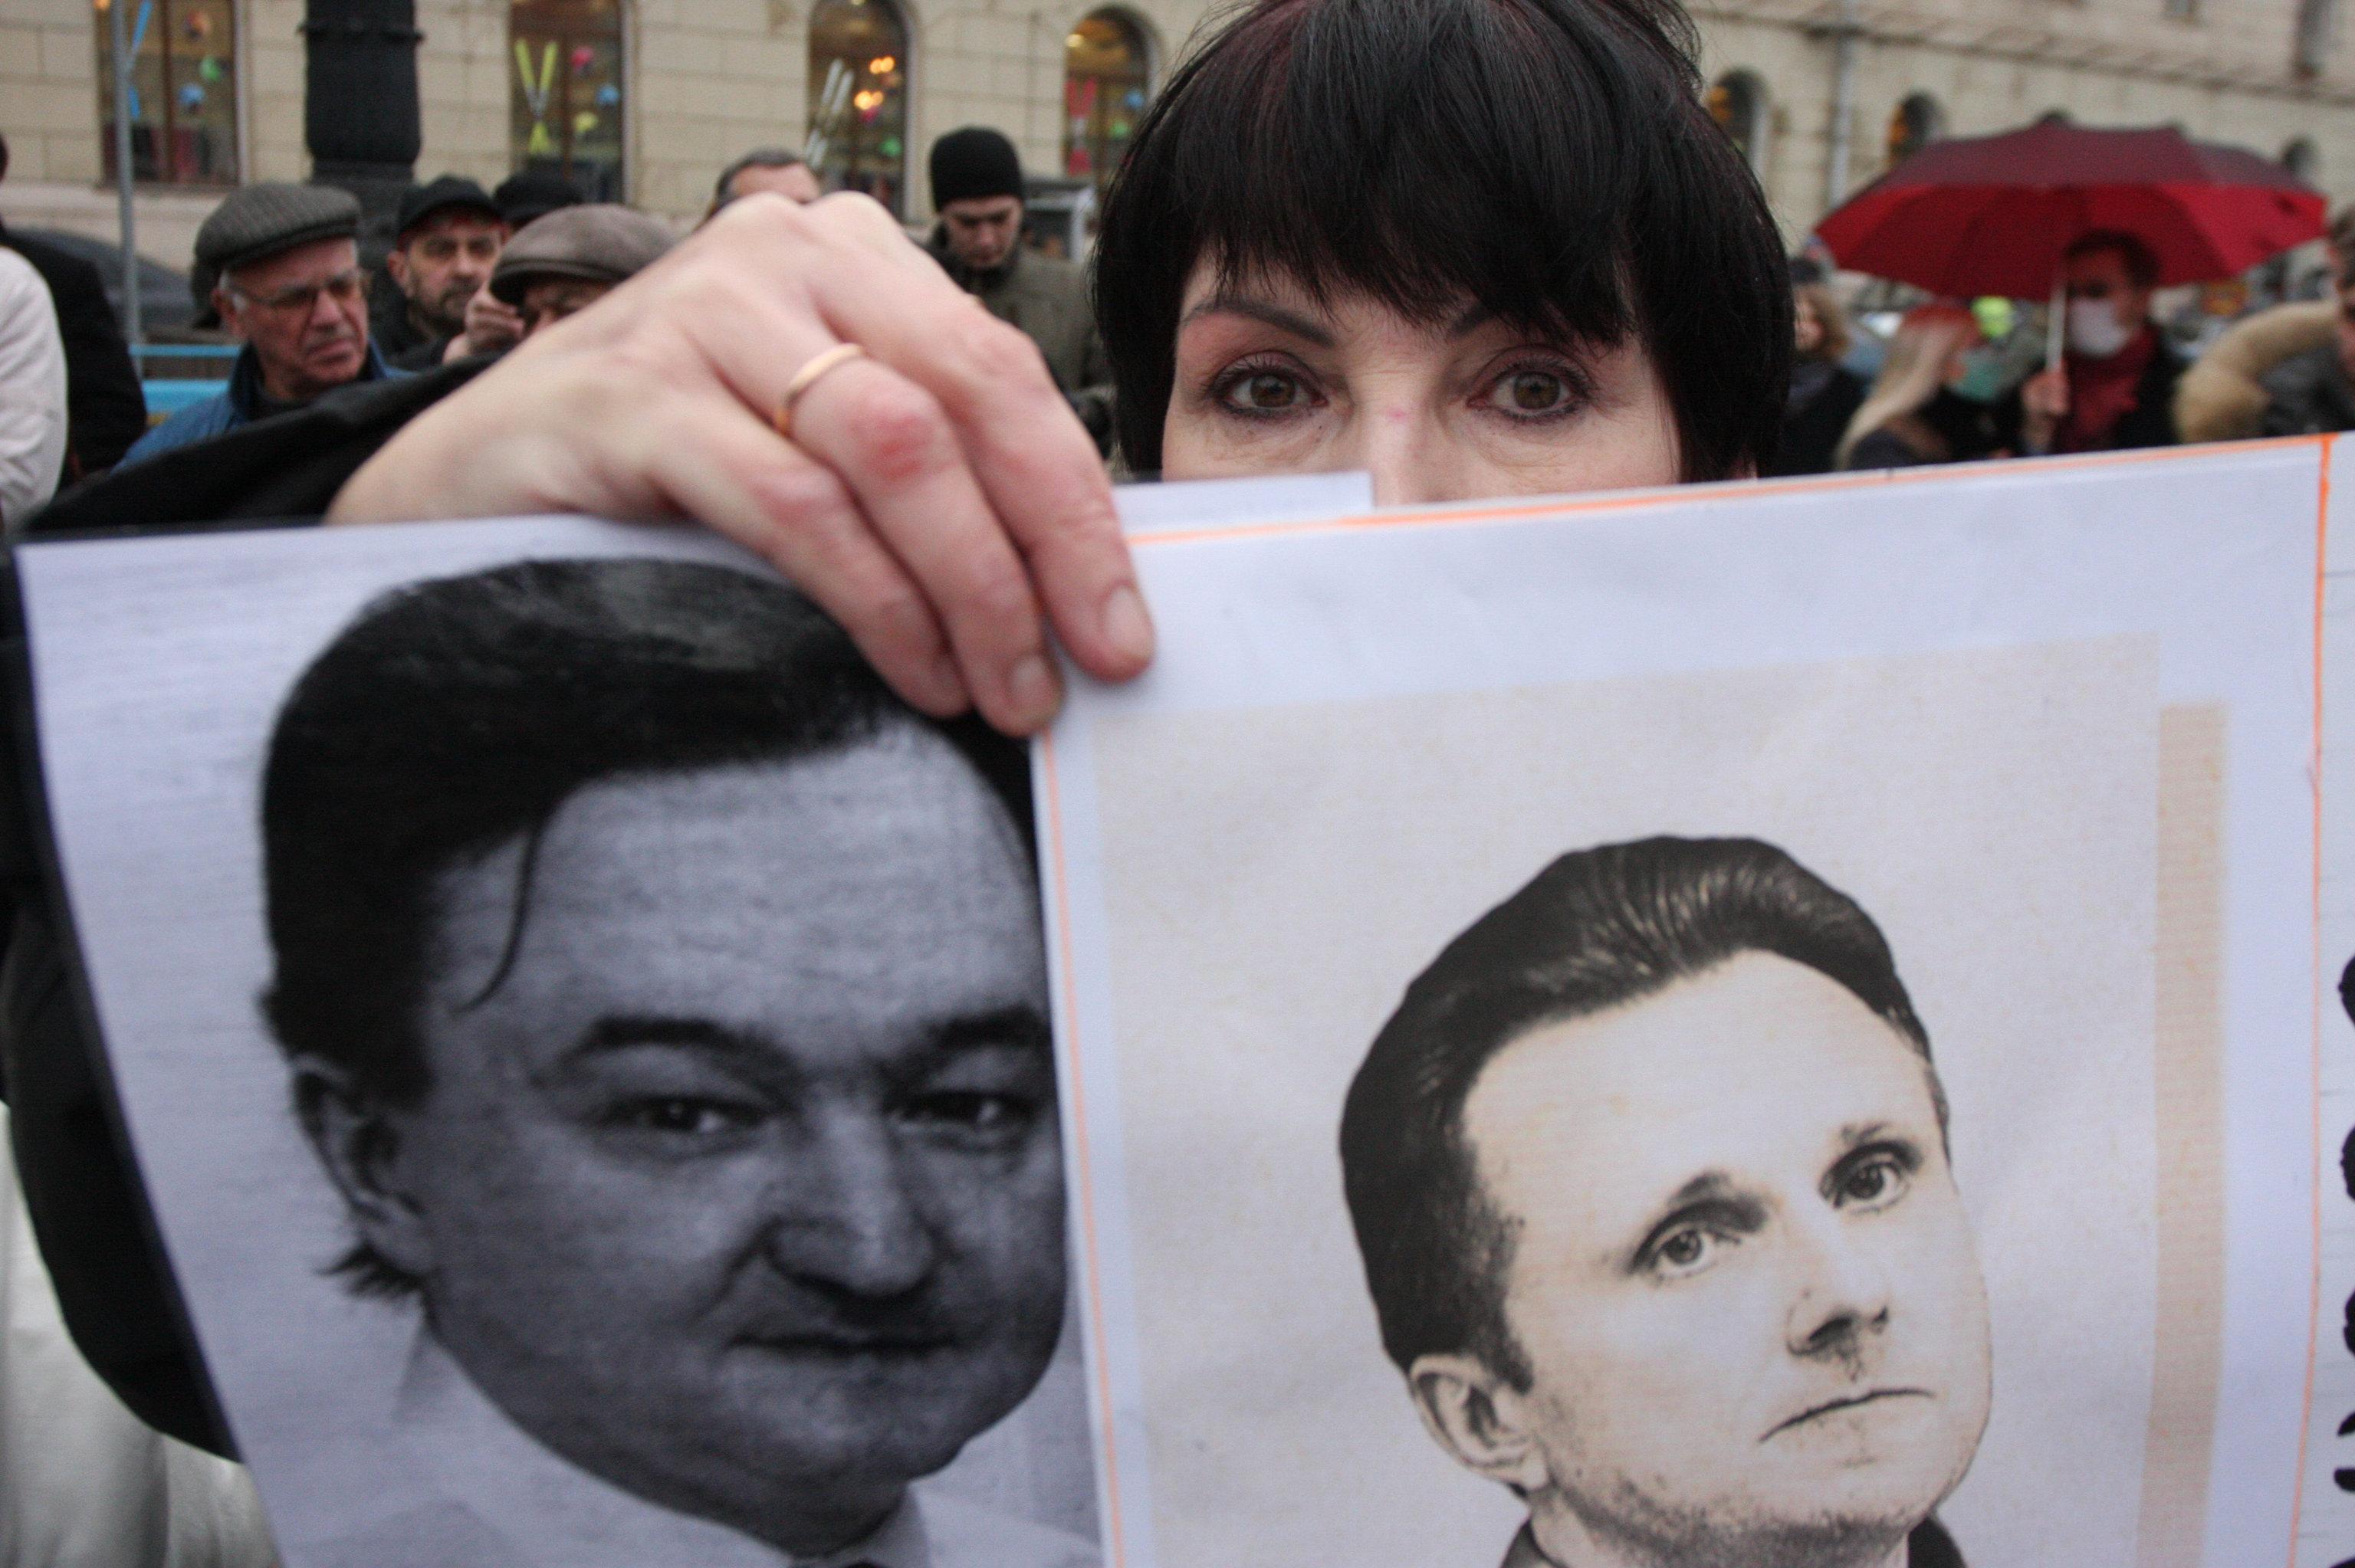 Участница митинга за реформу правоохранительных органов. На фотографиях Сергей Магнитский и Алексей Пичугин